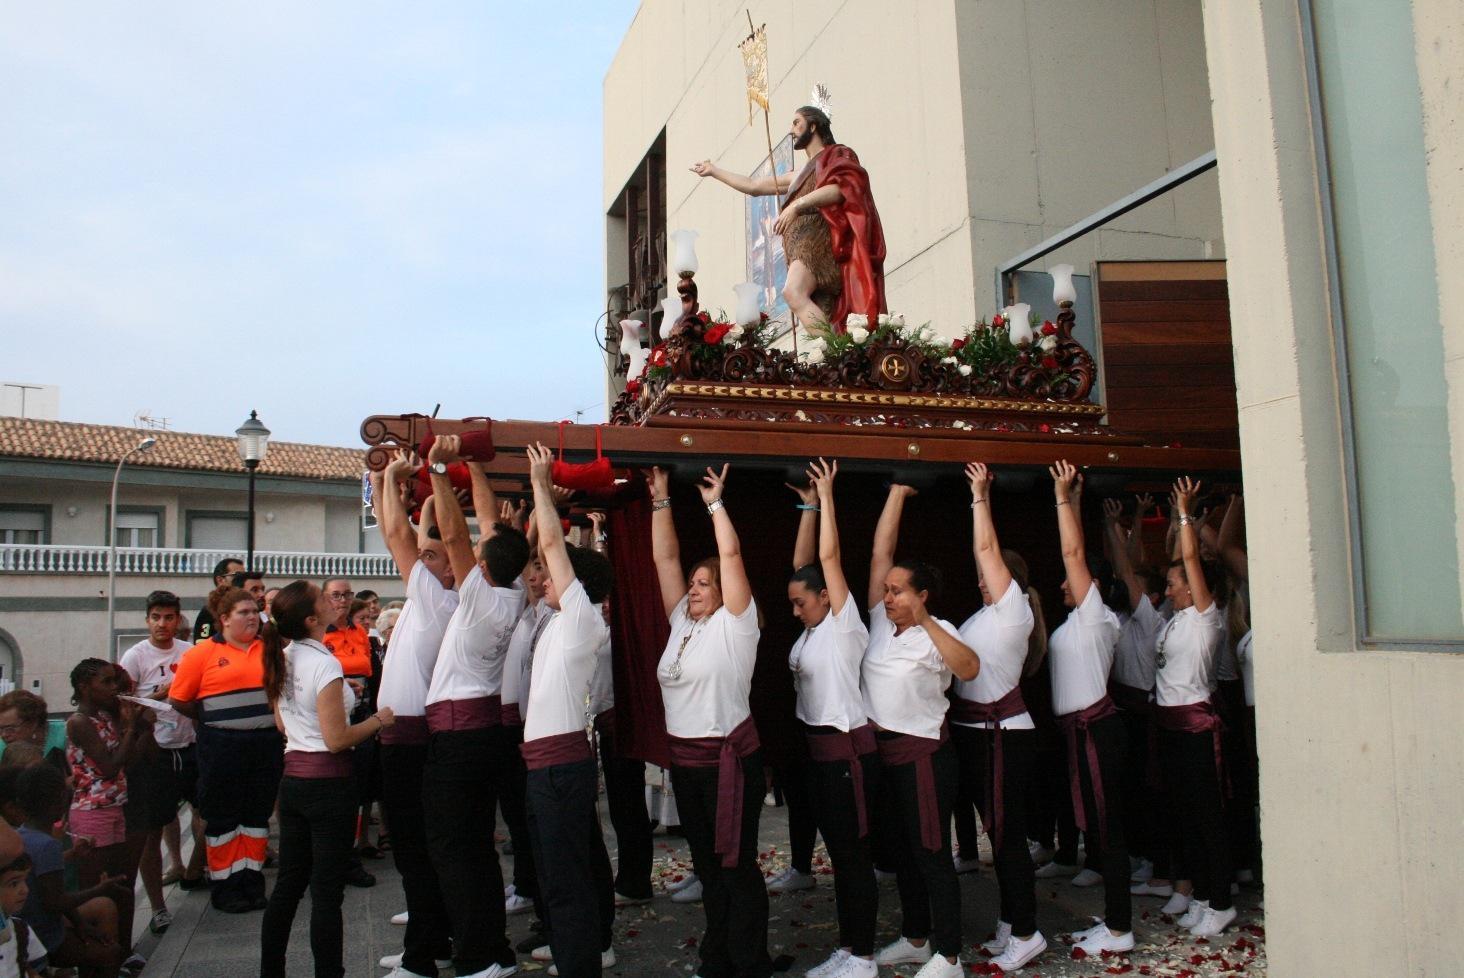 Las fiestas de Las 200 viviendas finalizan con la procesión en honor a San Juan Bautista